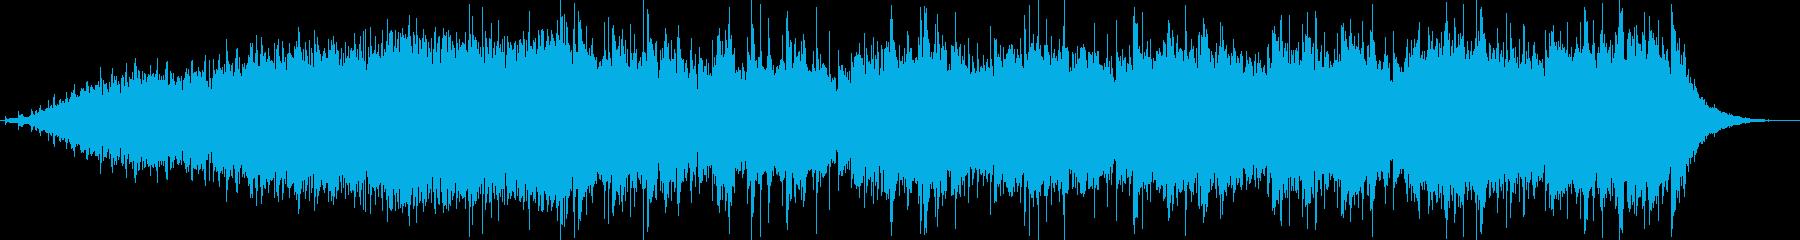 モダン テクノ アンビエント ドラ...の再生済みの波形